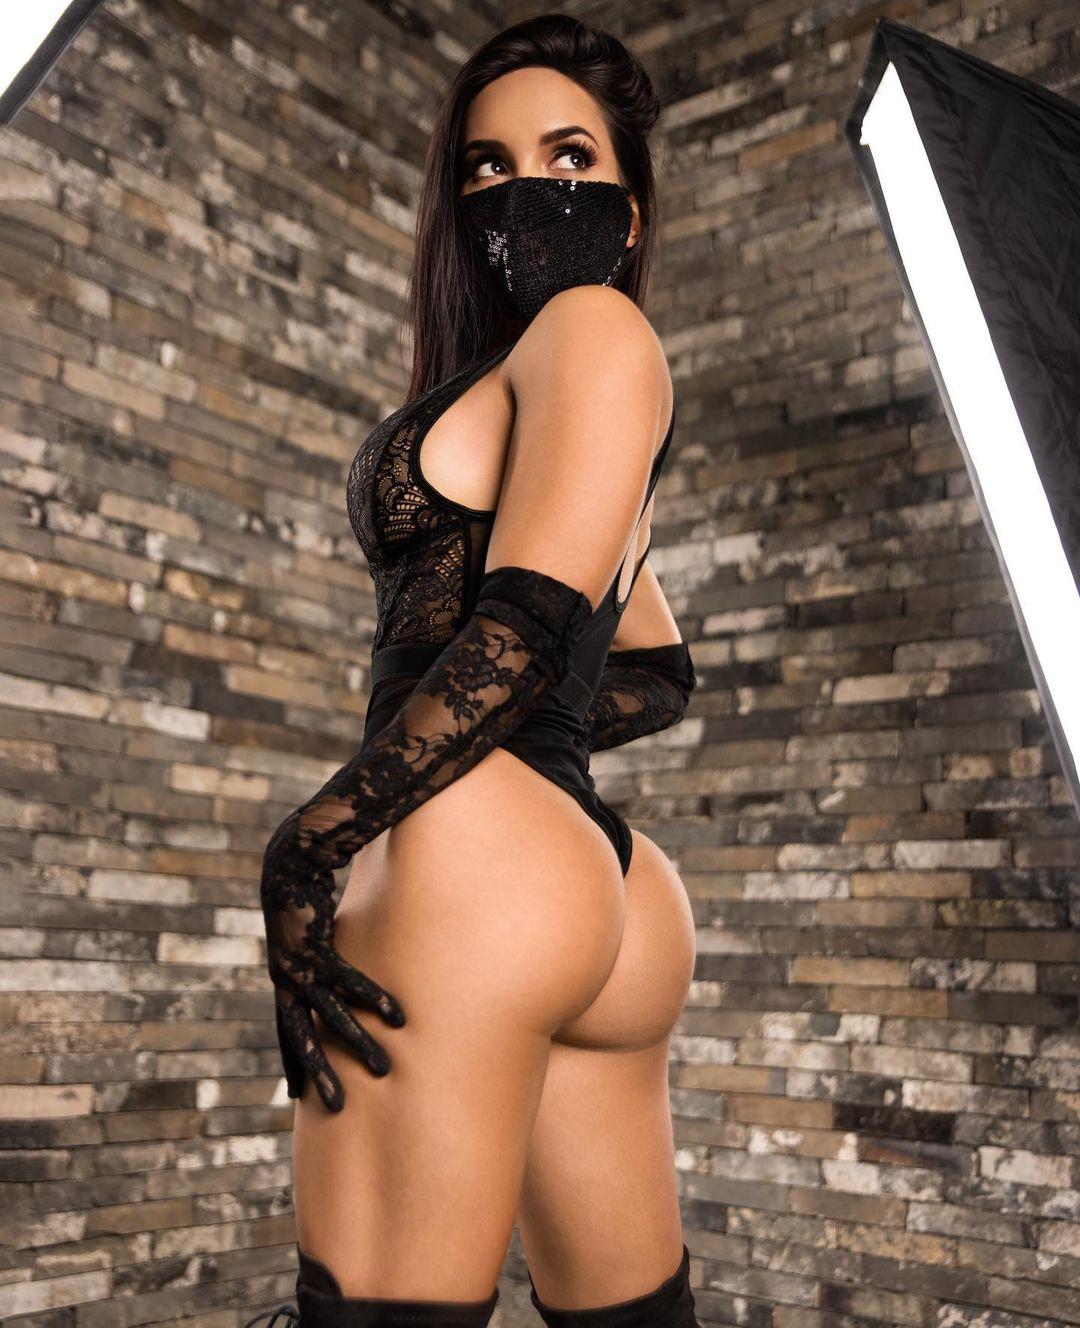 https://www.girlswithmuscle.com/images/full/1491965.jpg